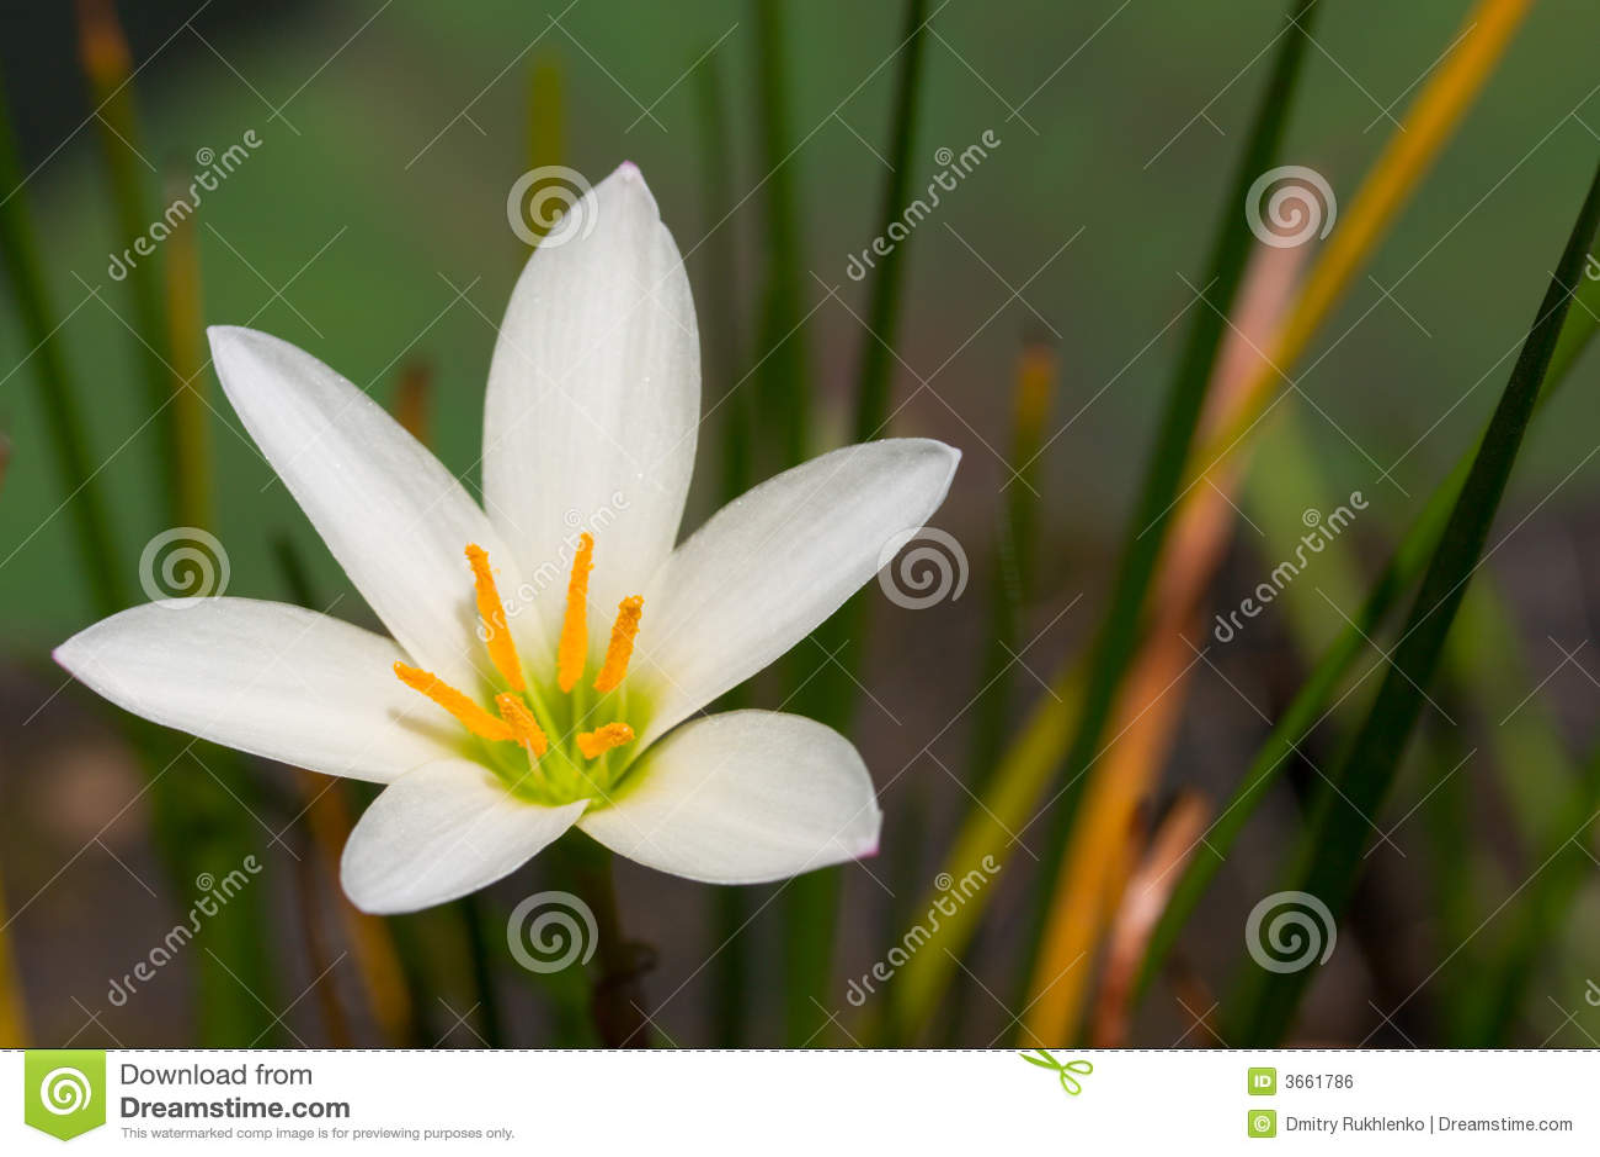 Blisko kwiat w bieli